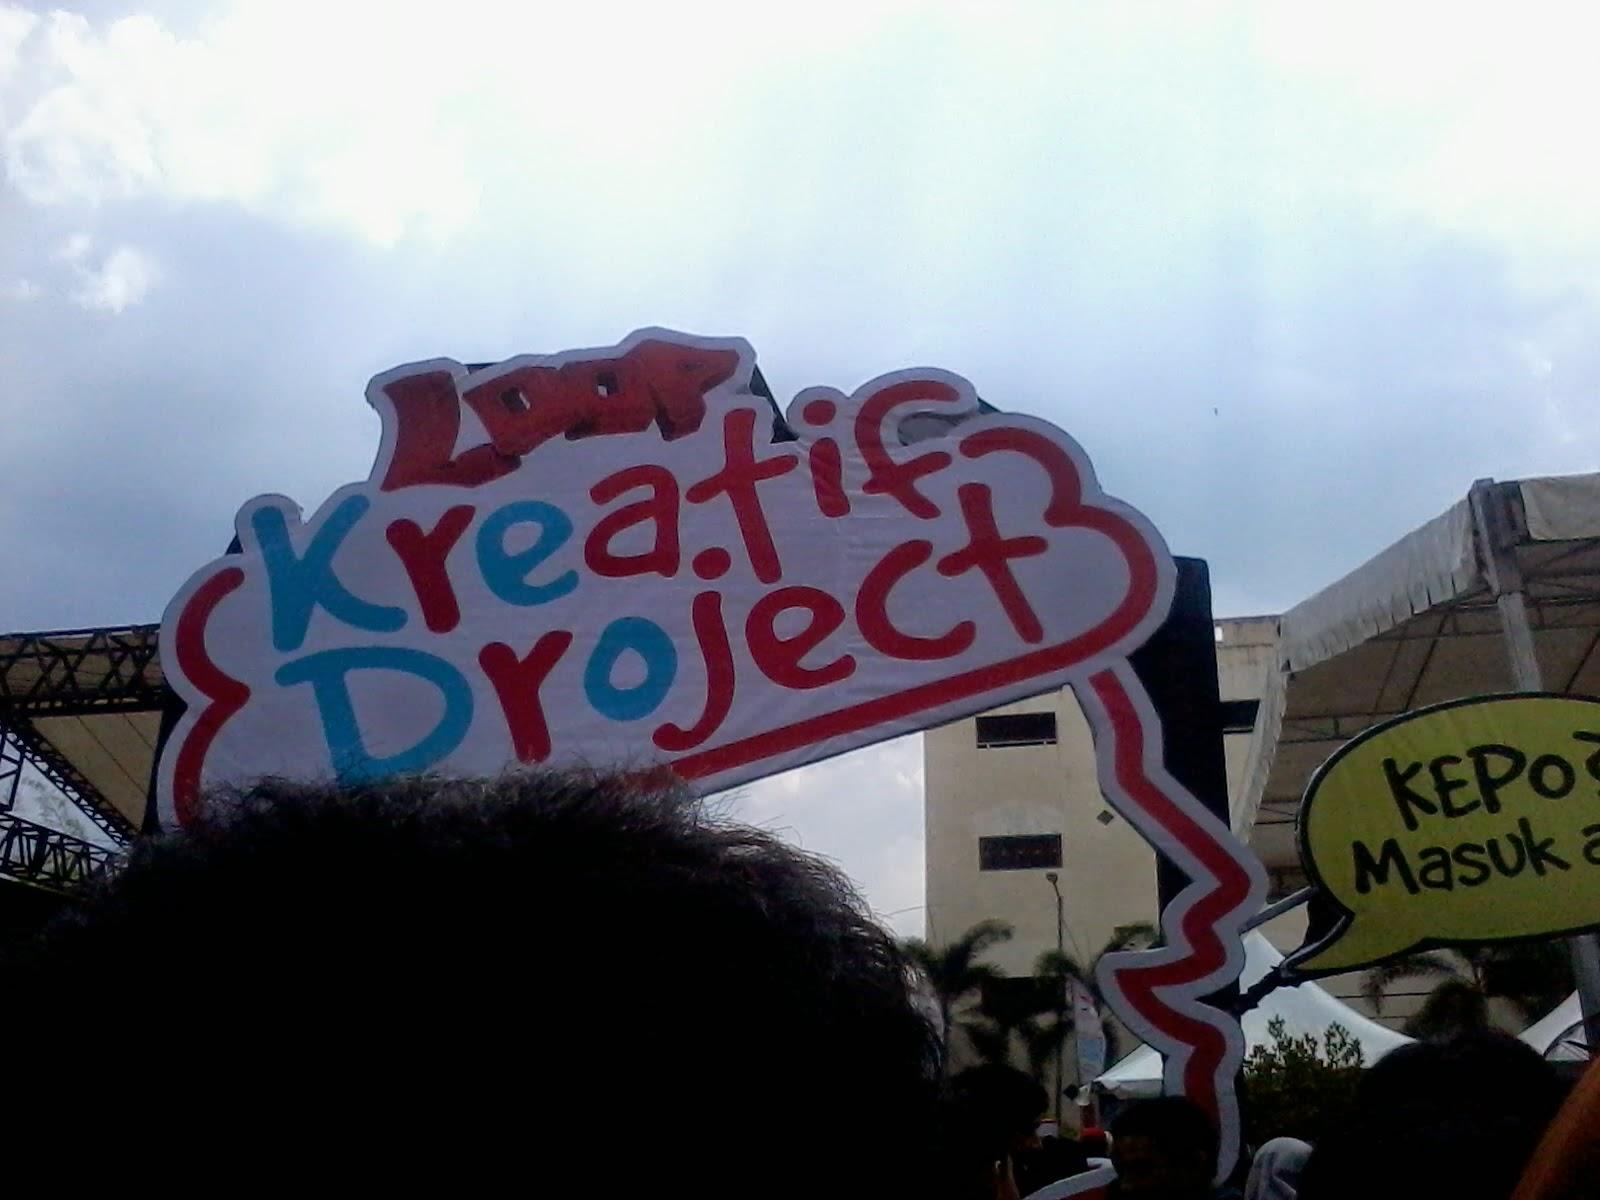 kepo adalah kreatif project